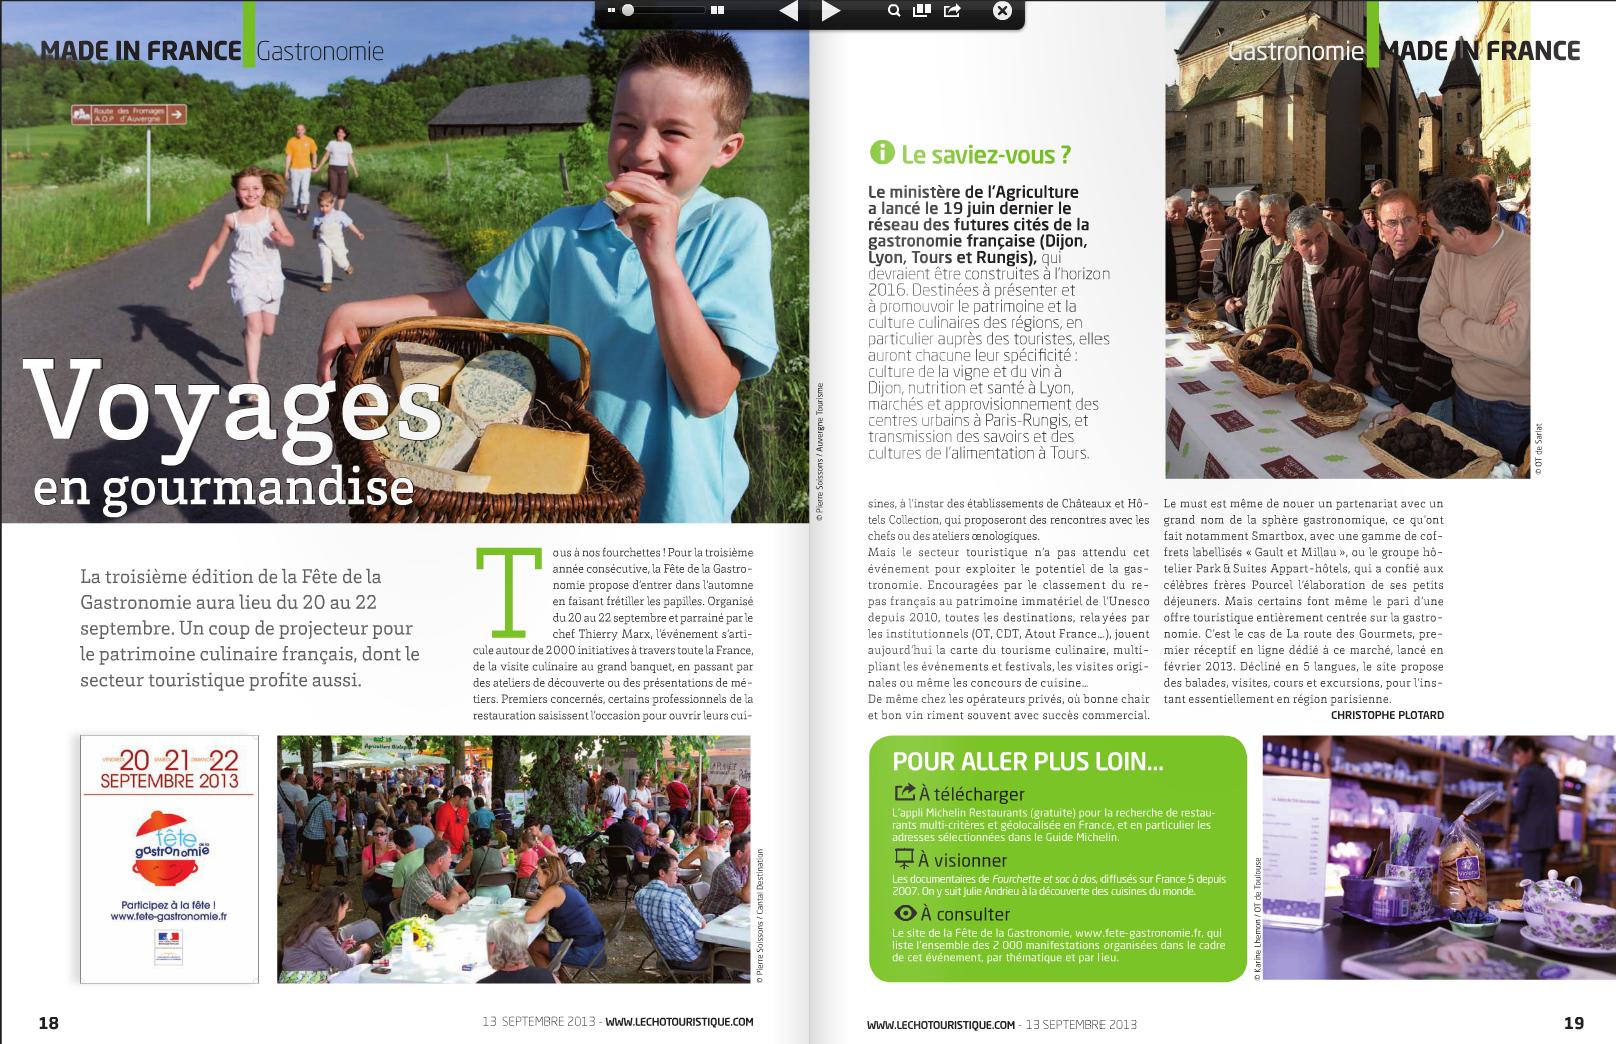 """Extrait du magazine l'echo touristique"""" article Voyages en gourmandises"""